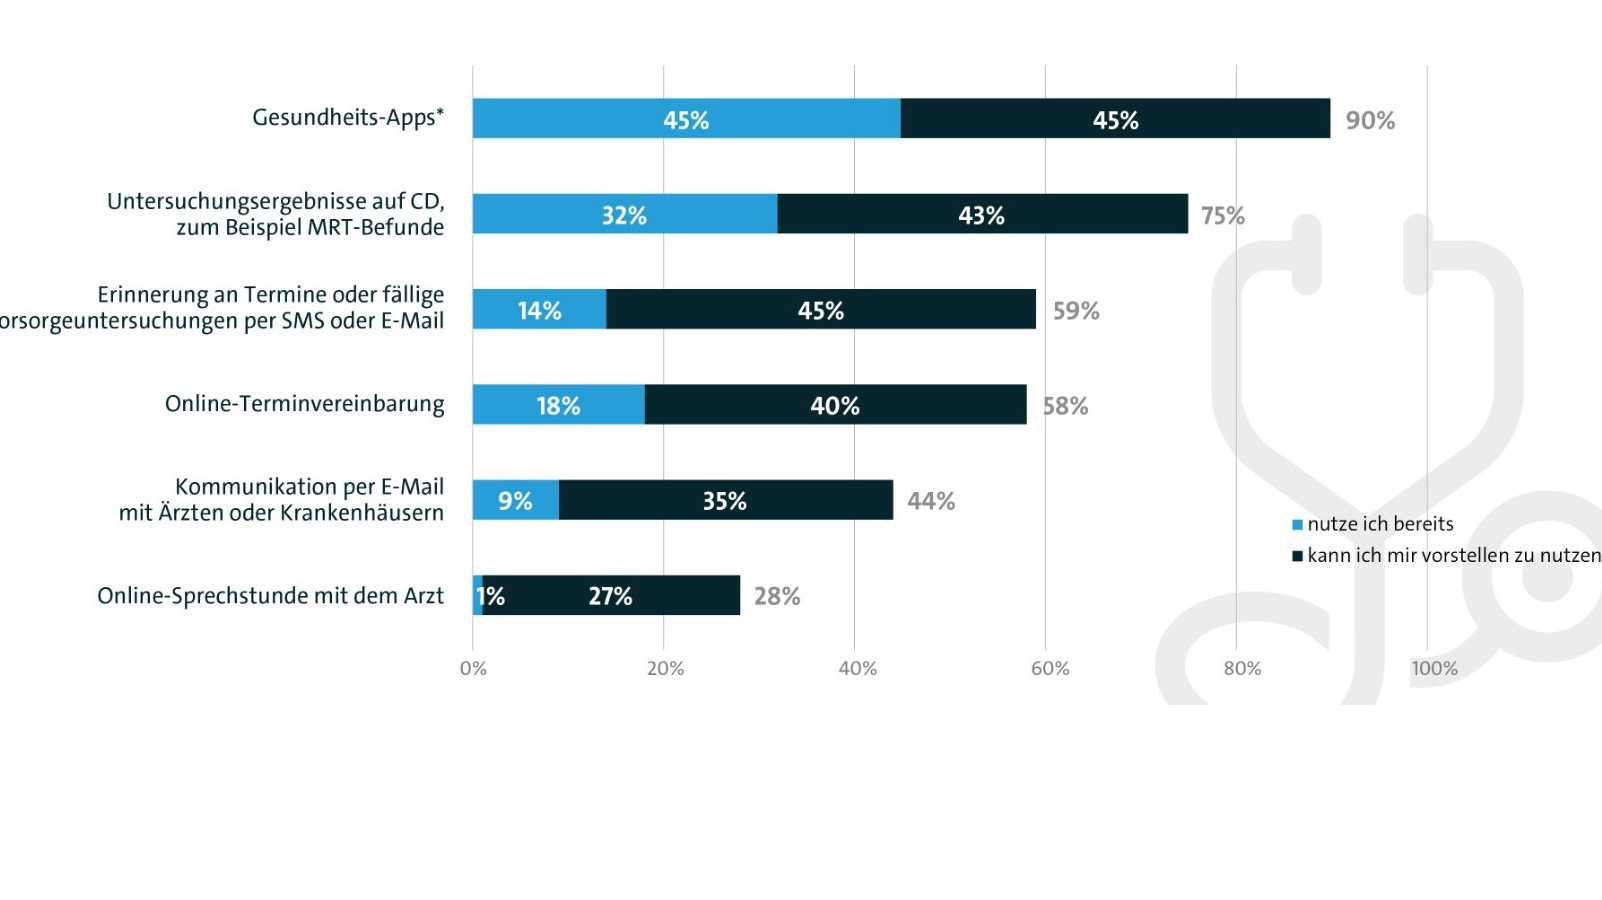 Umfrage: Bevölkerung steht digitalen Gesundheitsangeboten positiv gegenüber